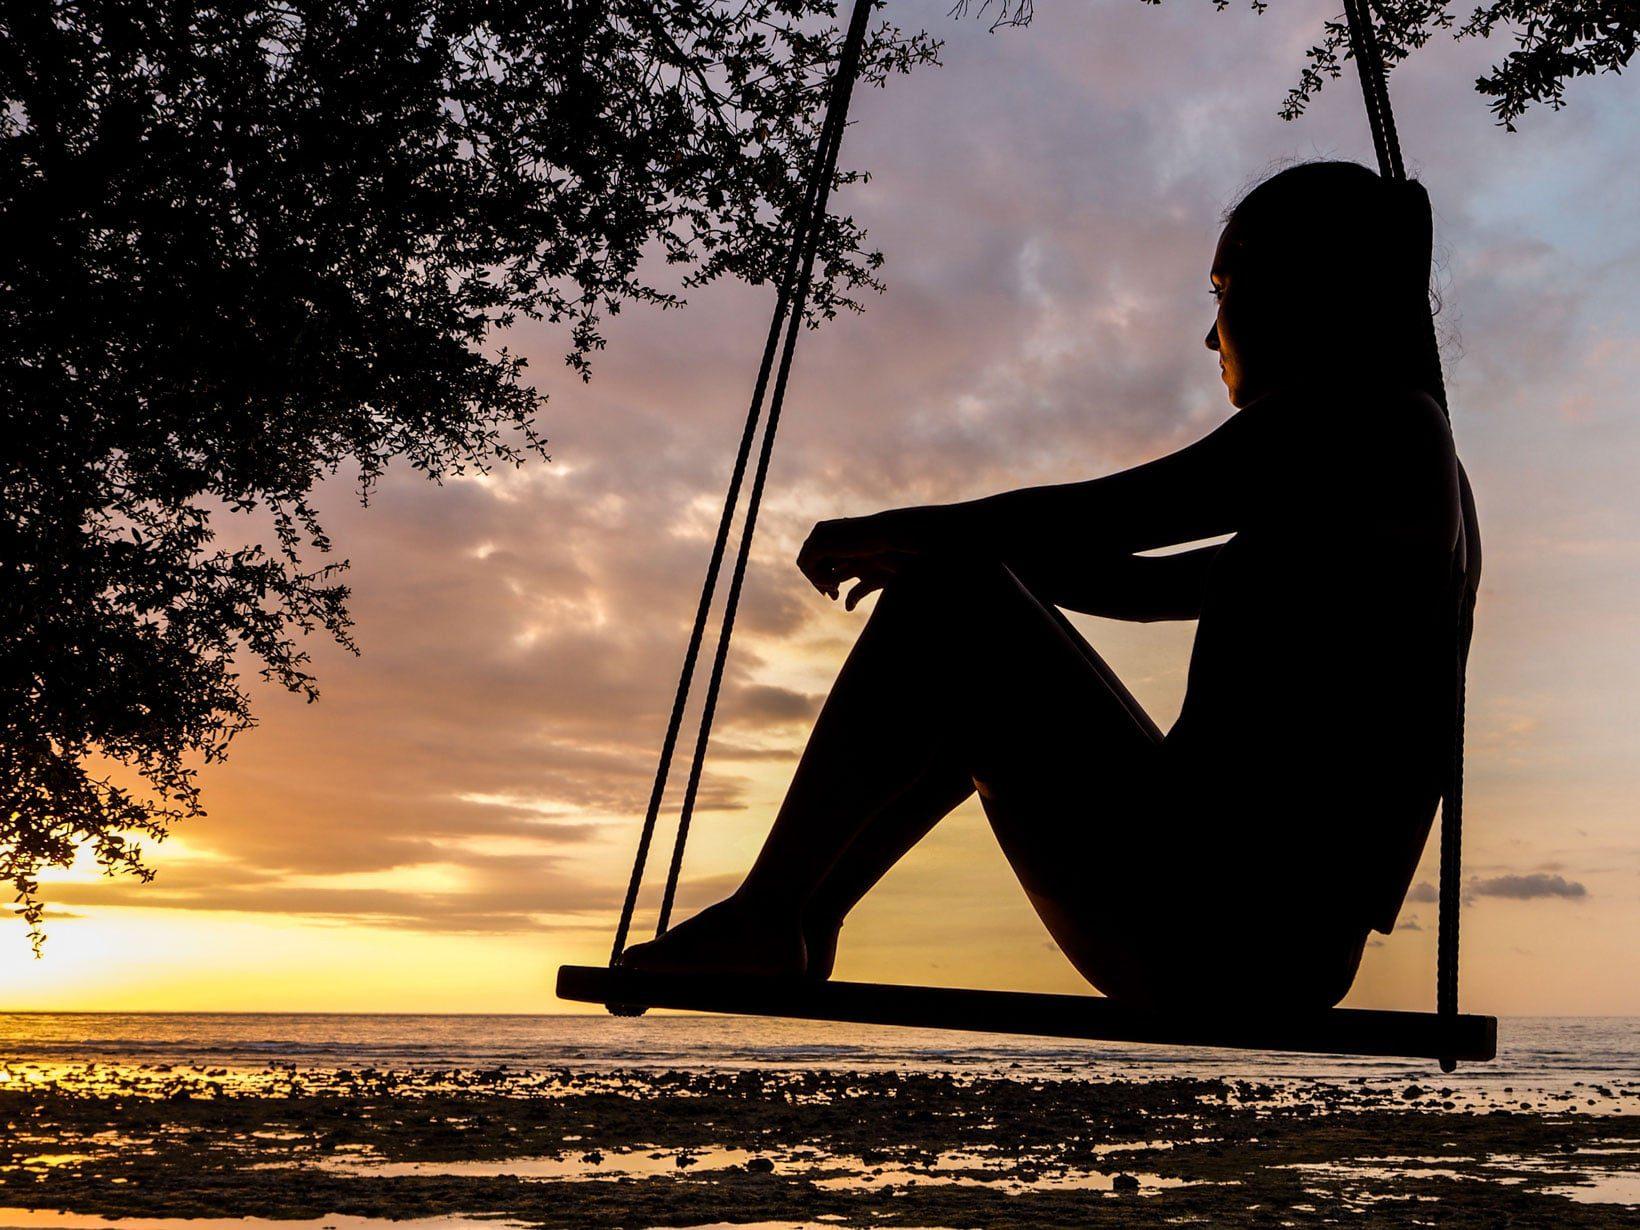 Mood Swings in Everyday Life